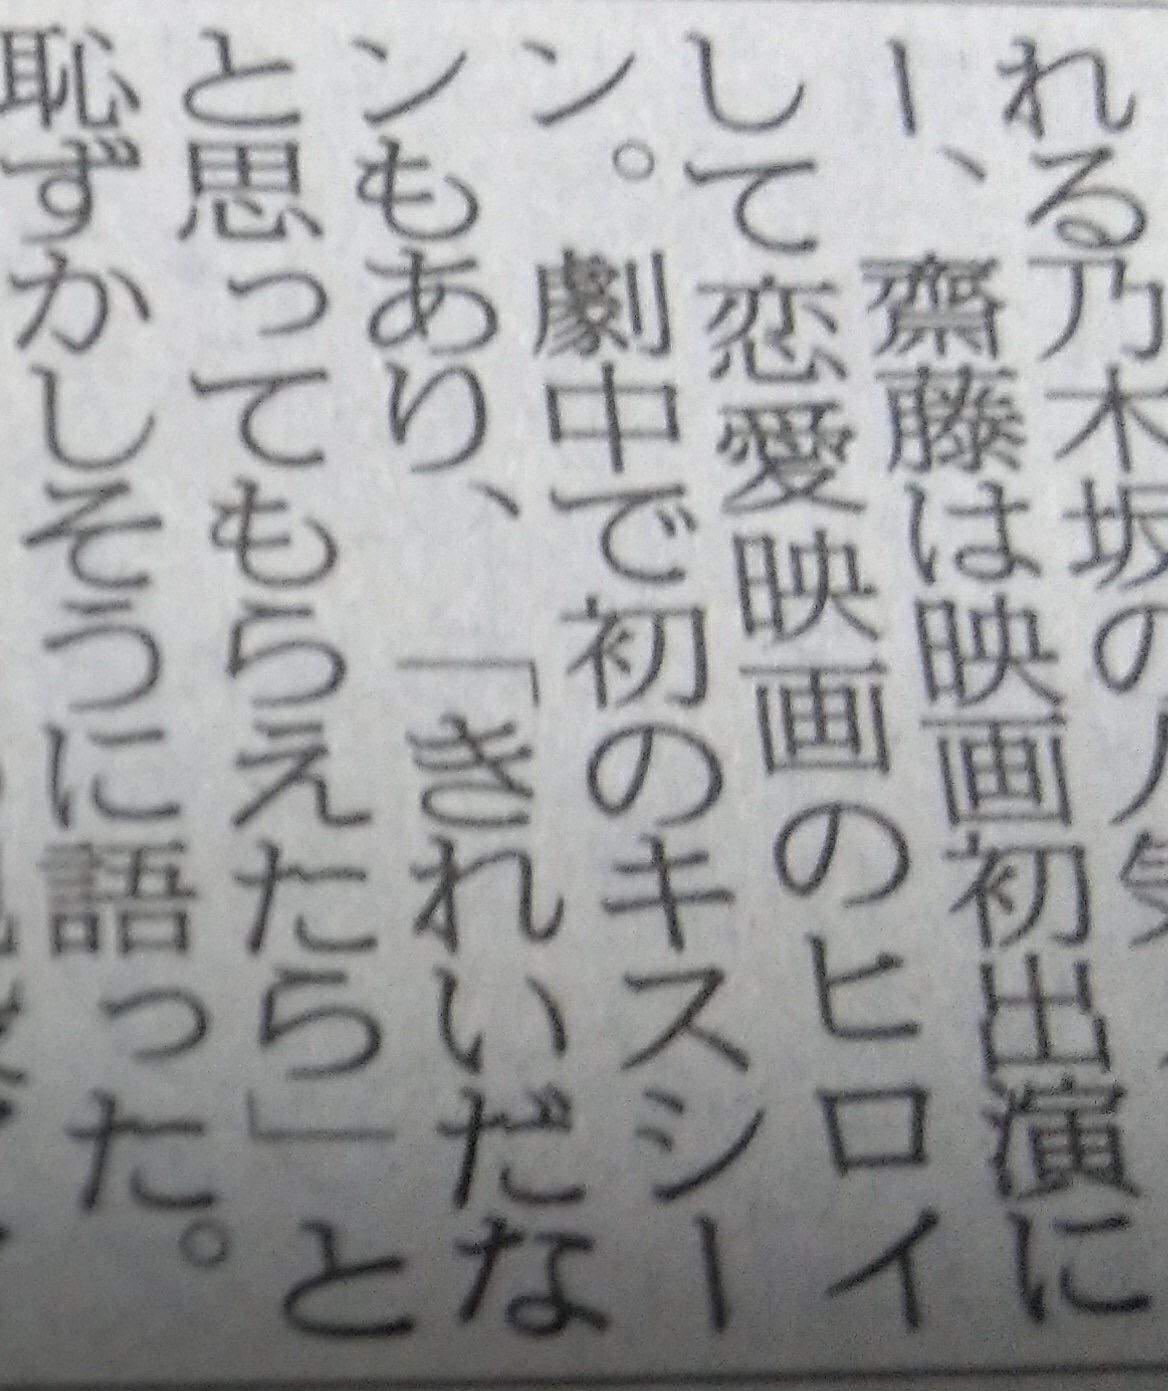 齋藤飛鳥 初のキスシーン2